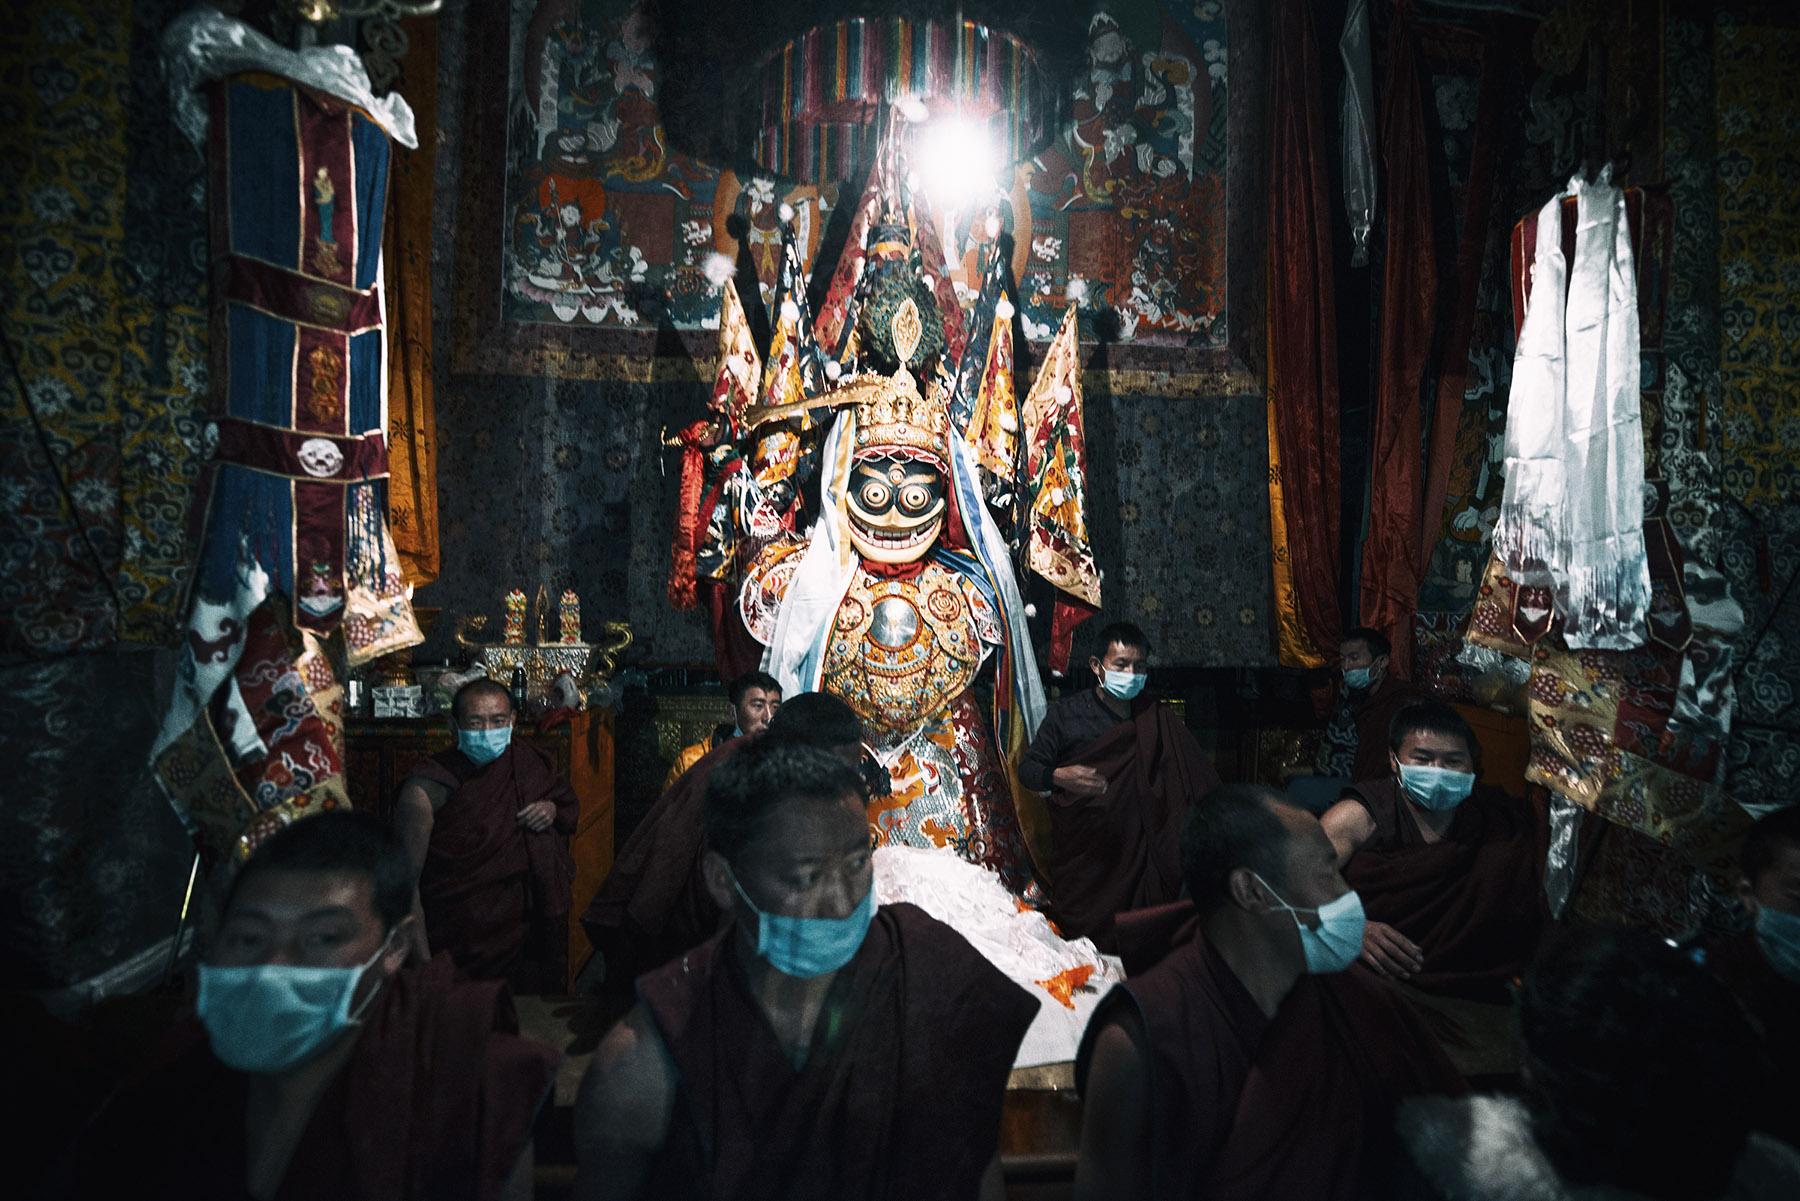 Palden Lhamo Festival, Lhasa